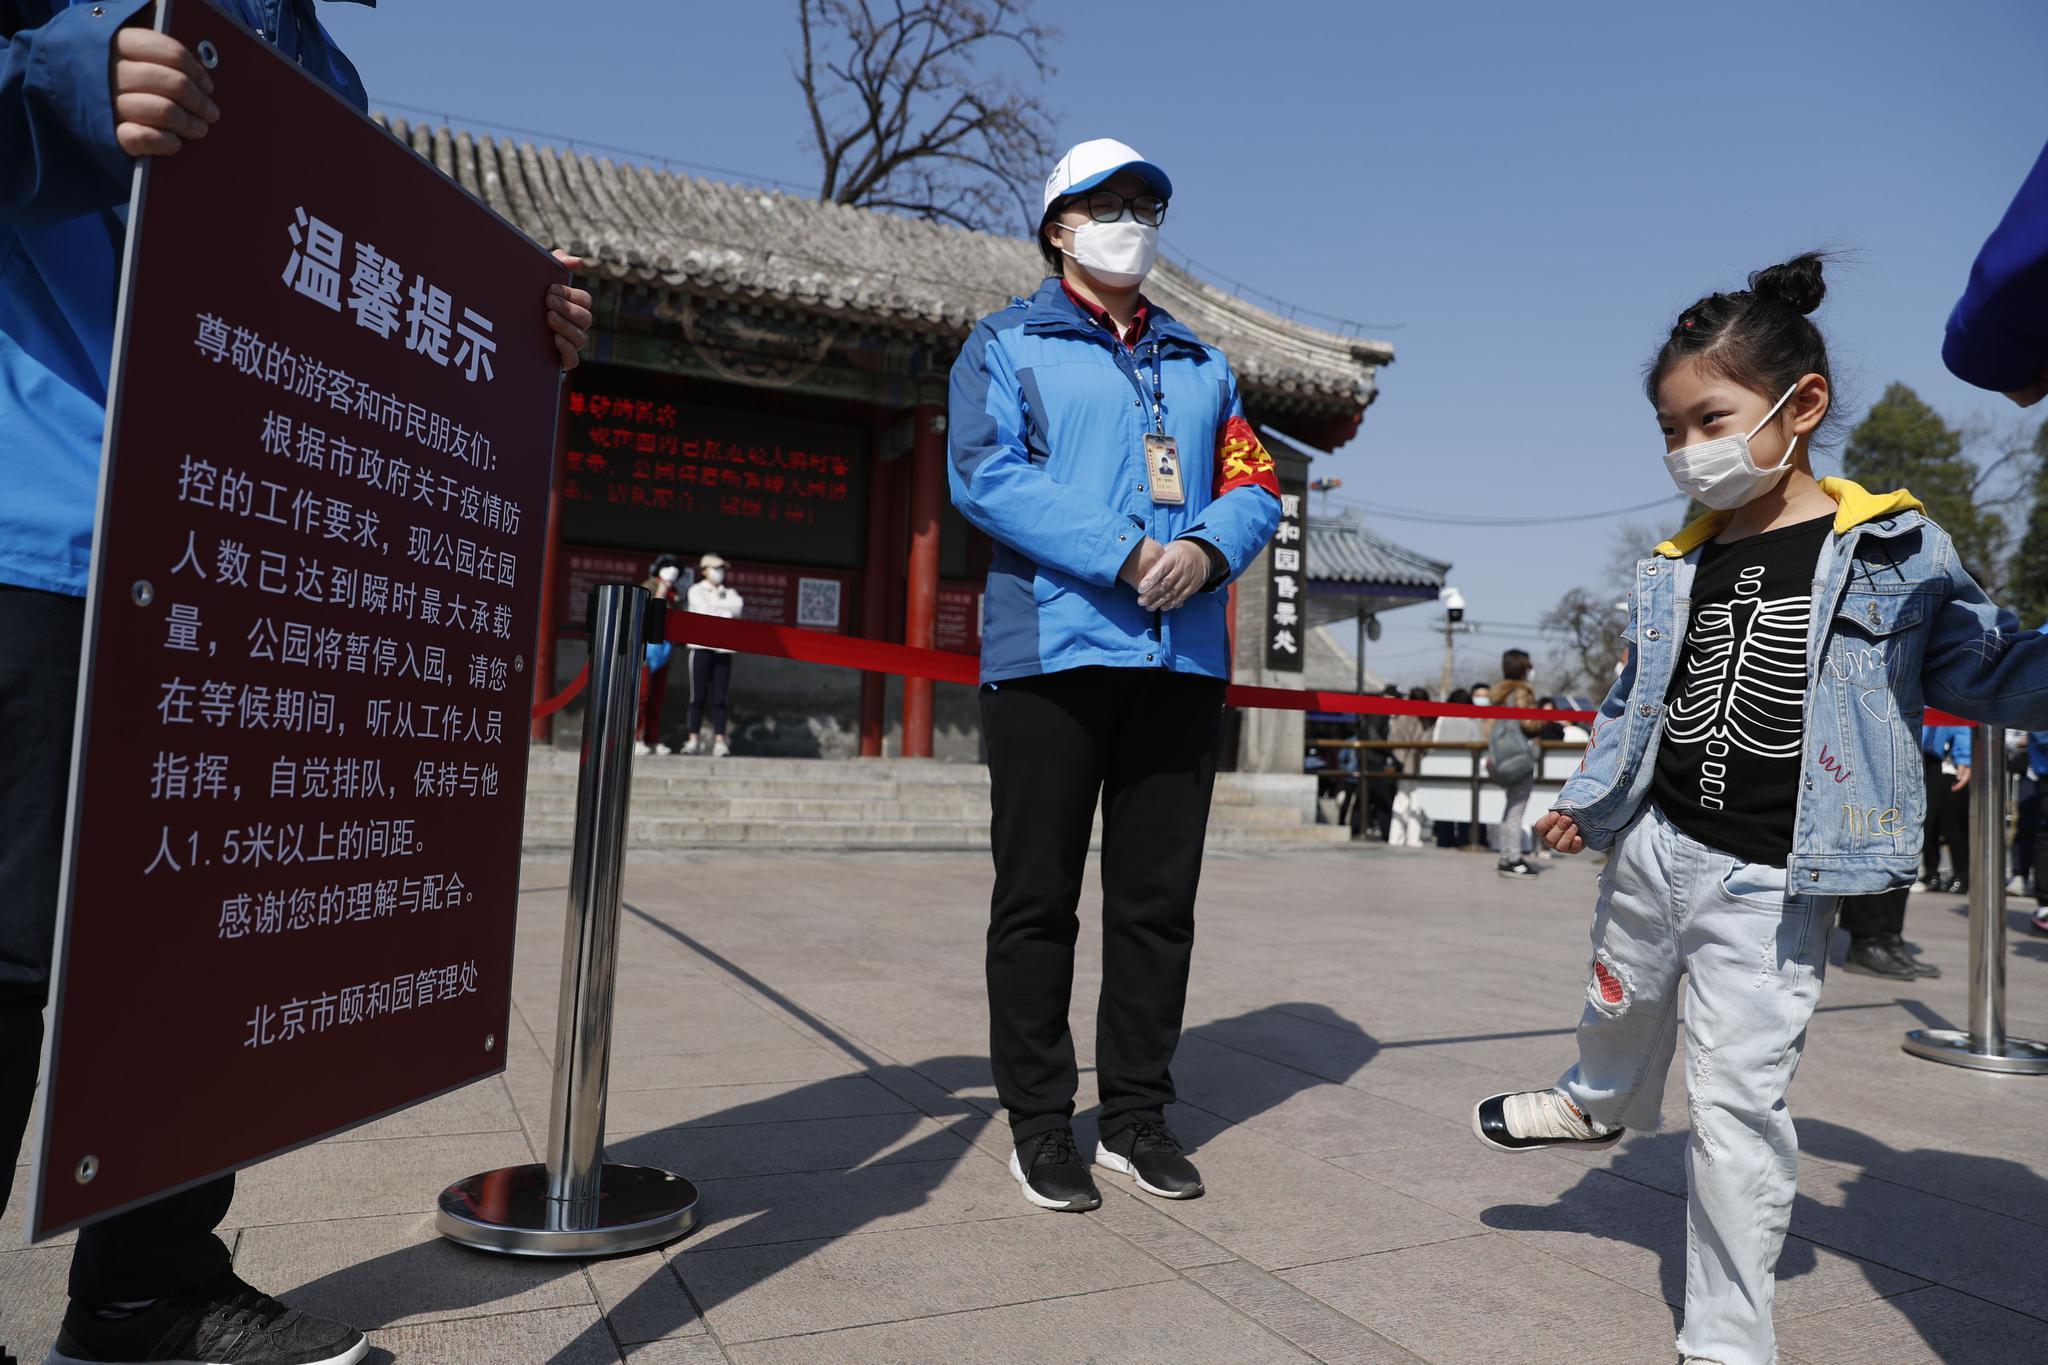 颐和园等多家北京市属公园本周末启动限流管控图片